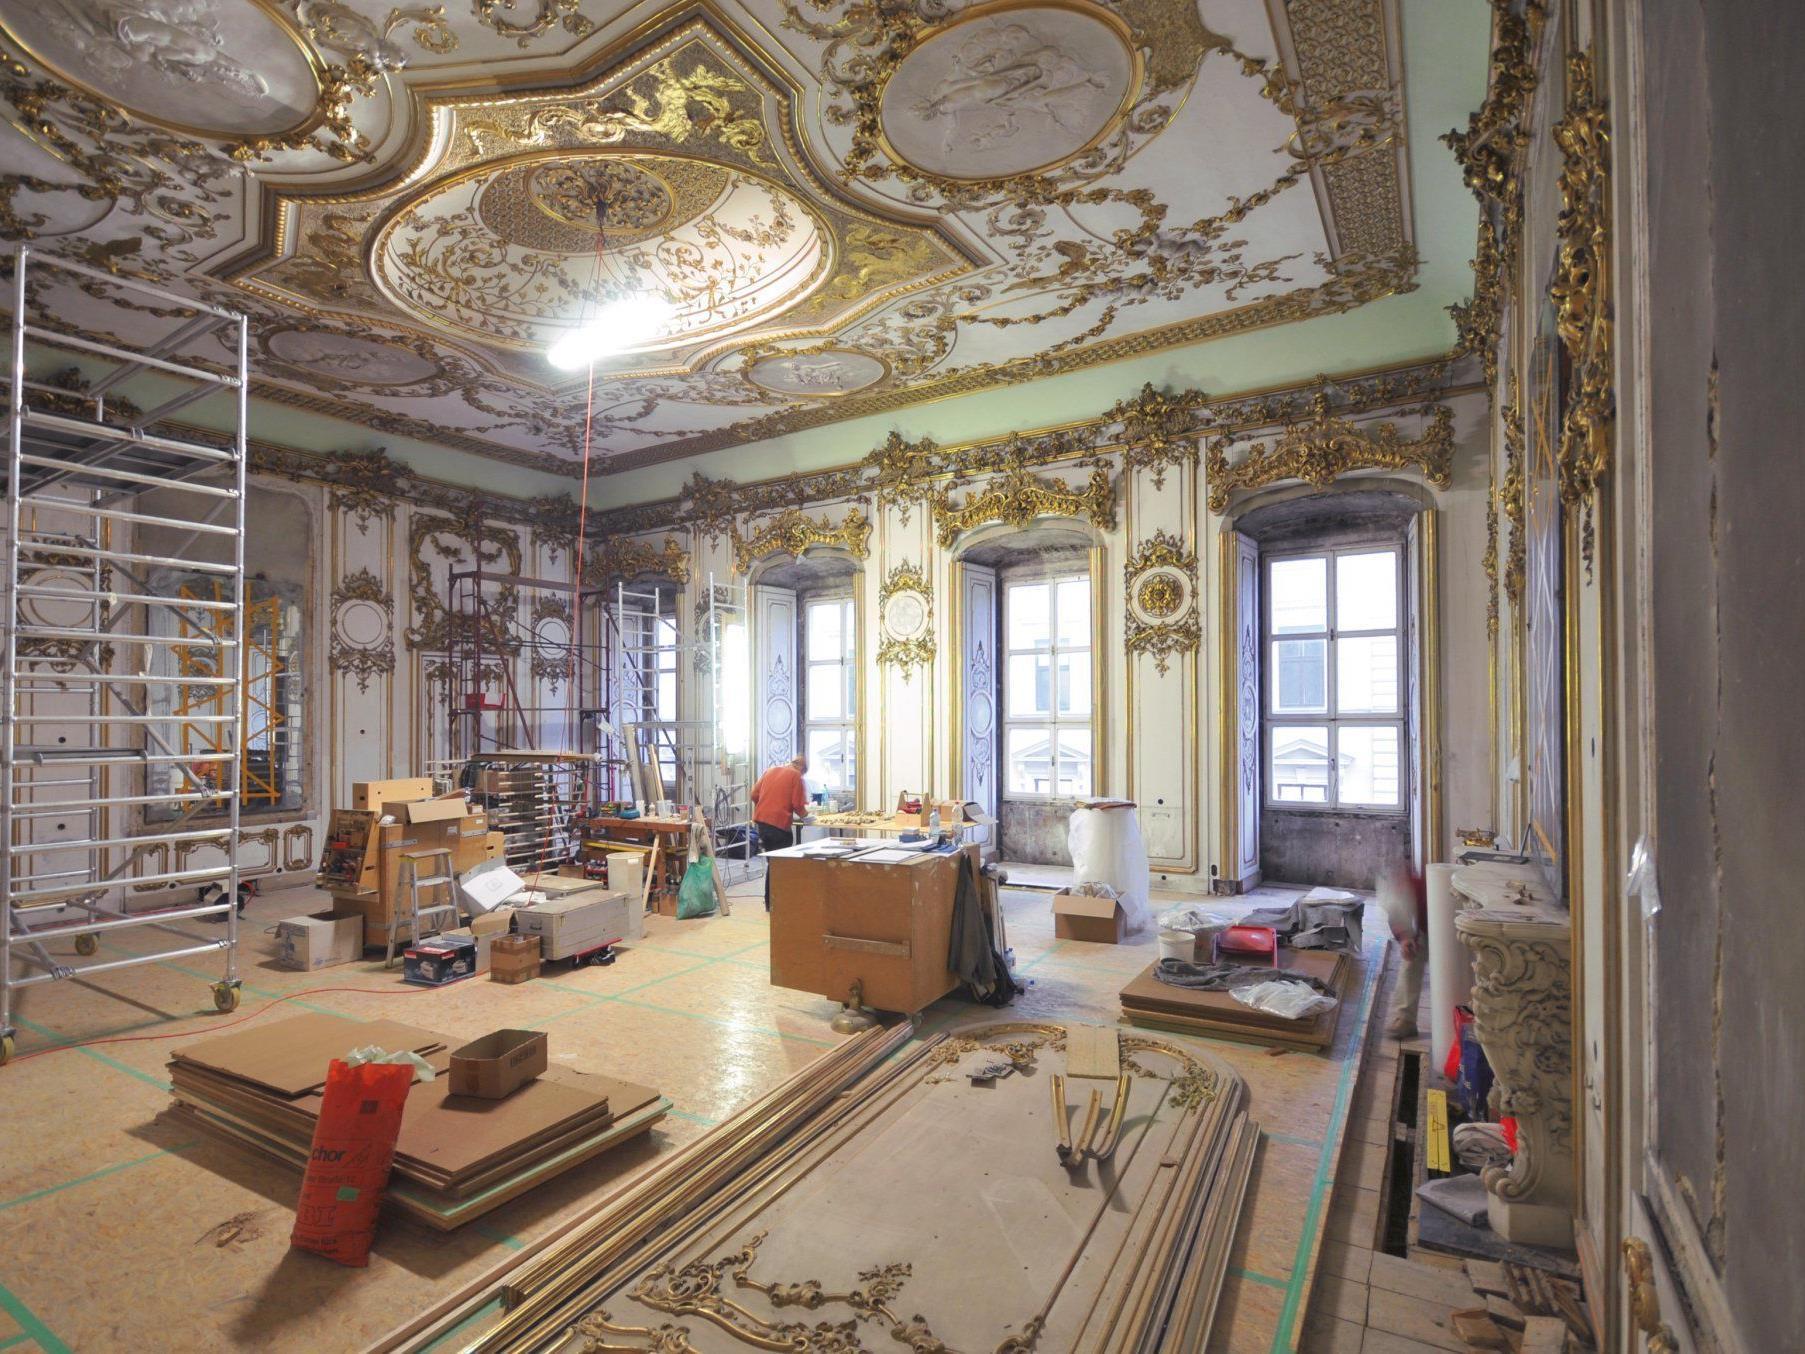 So sieht das Palais Liechtenstein von innen aus.